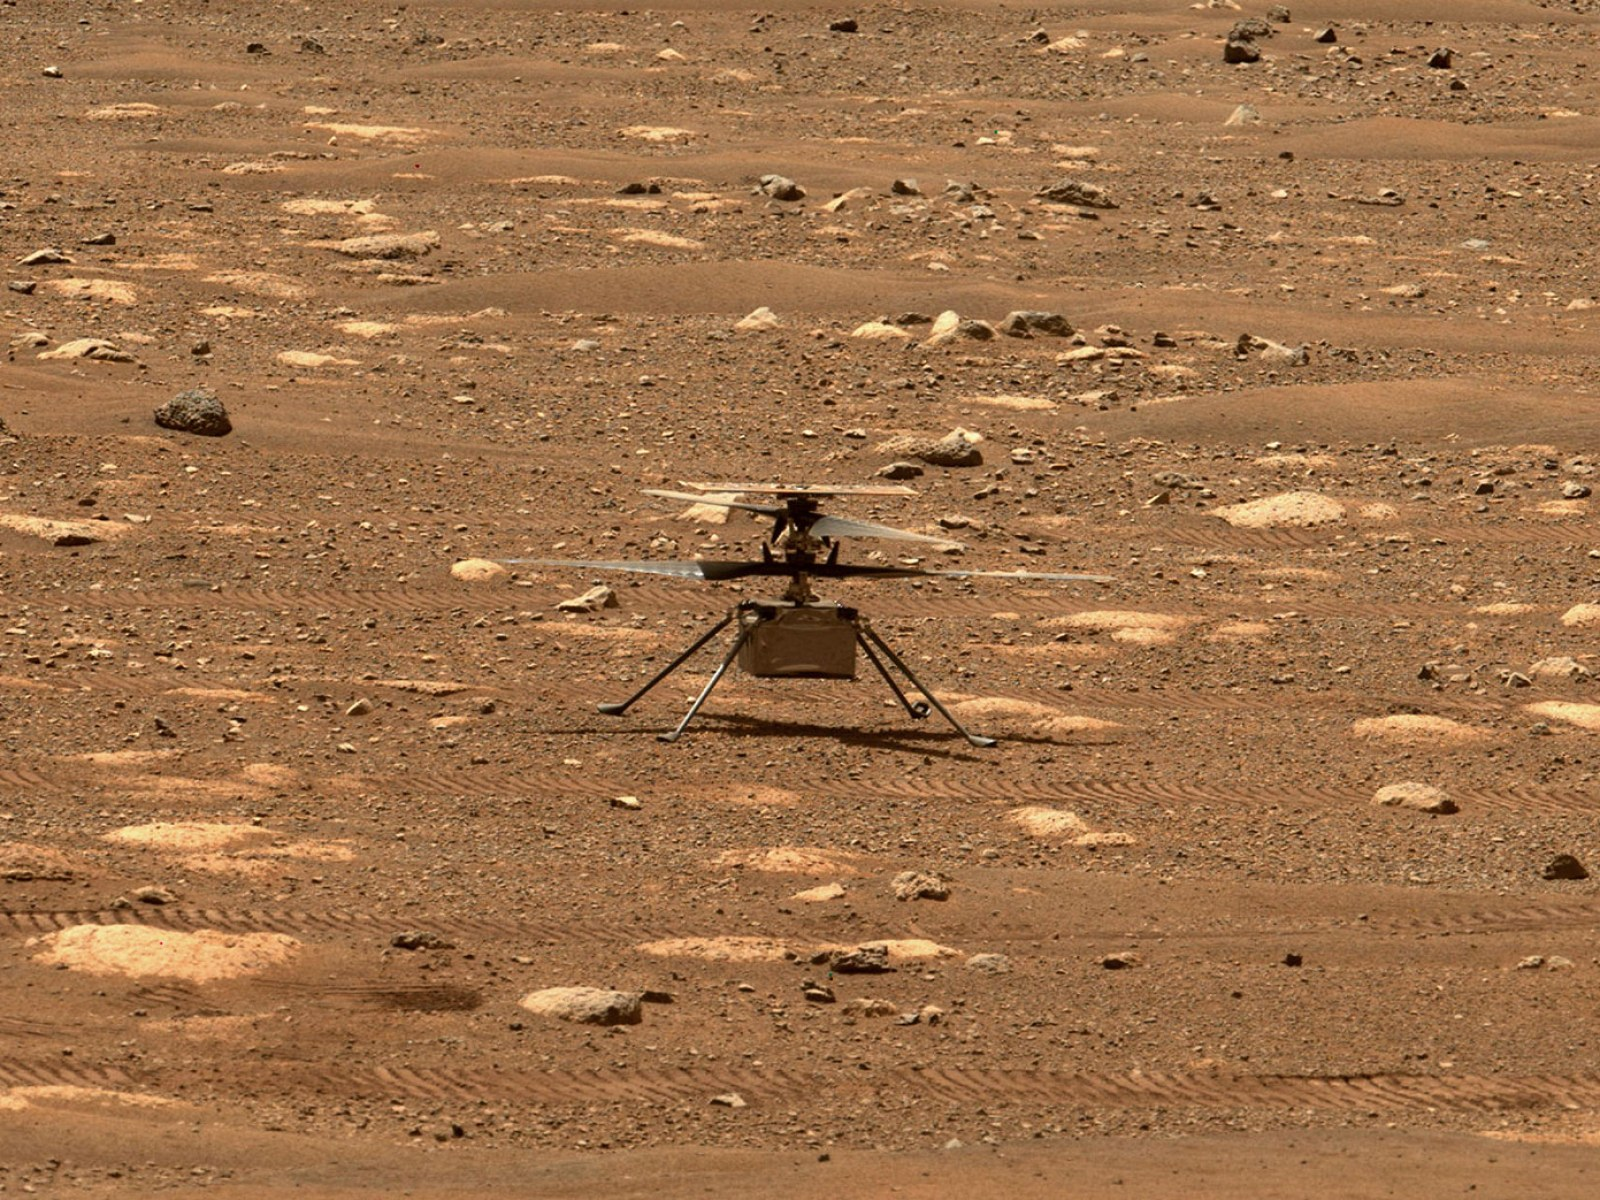 Вертолет NASA прислал новые яркие снимки с Марса